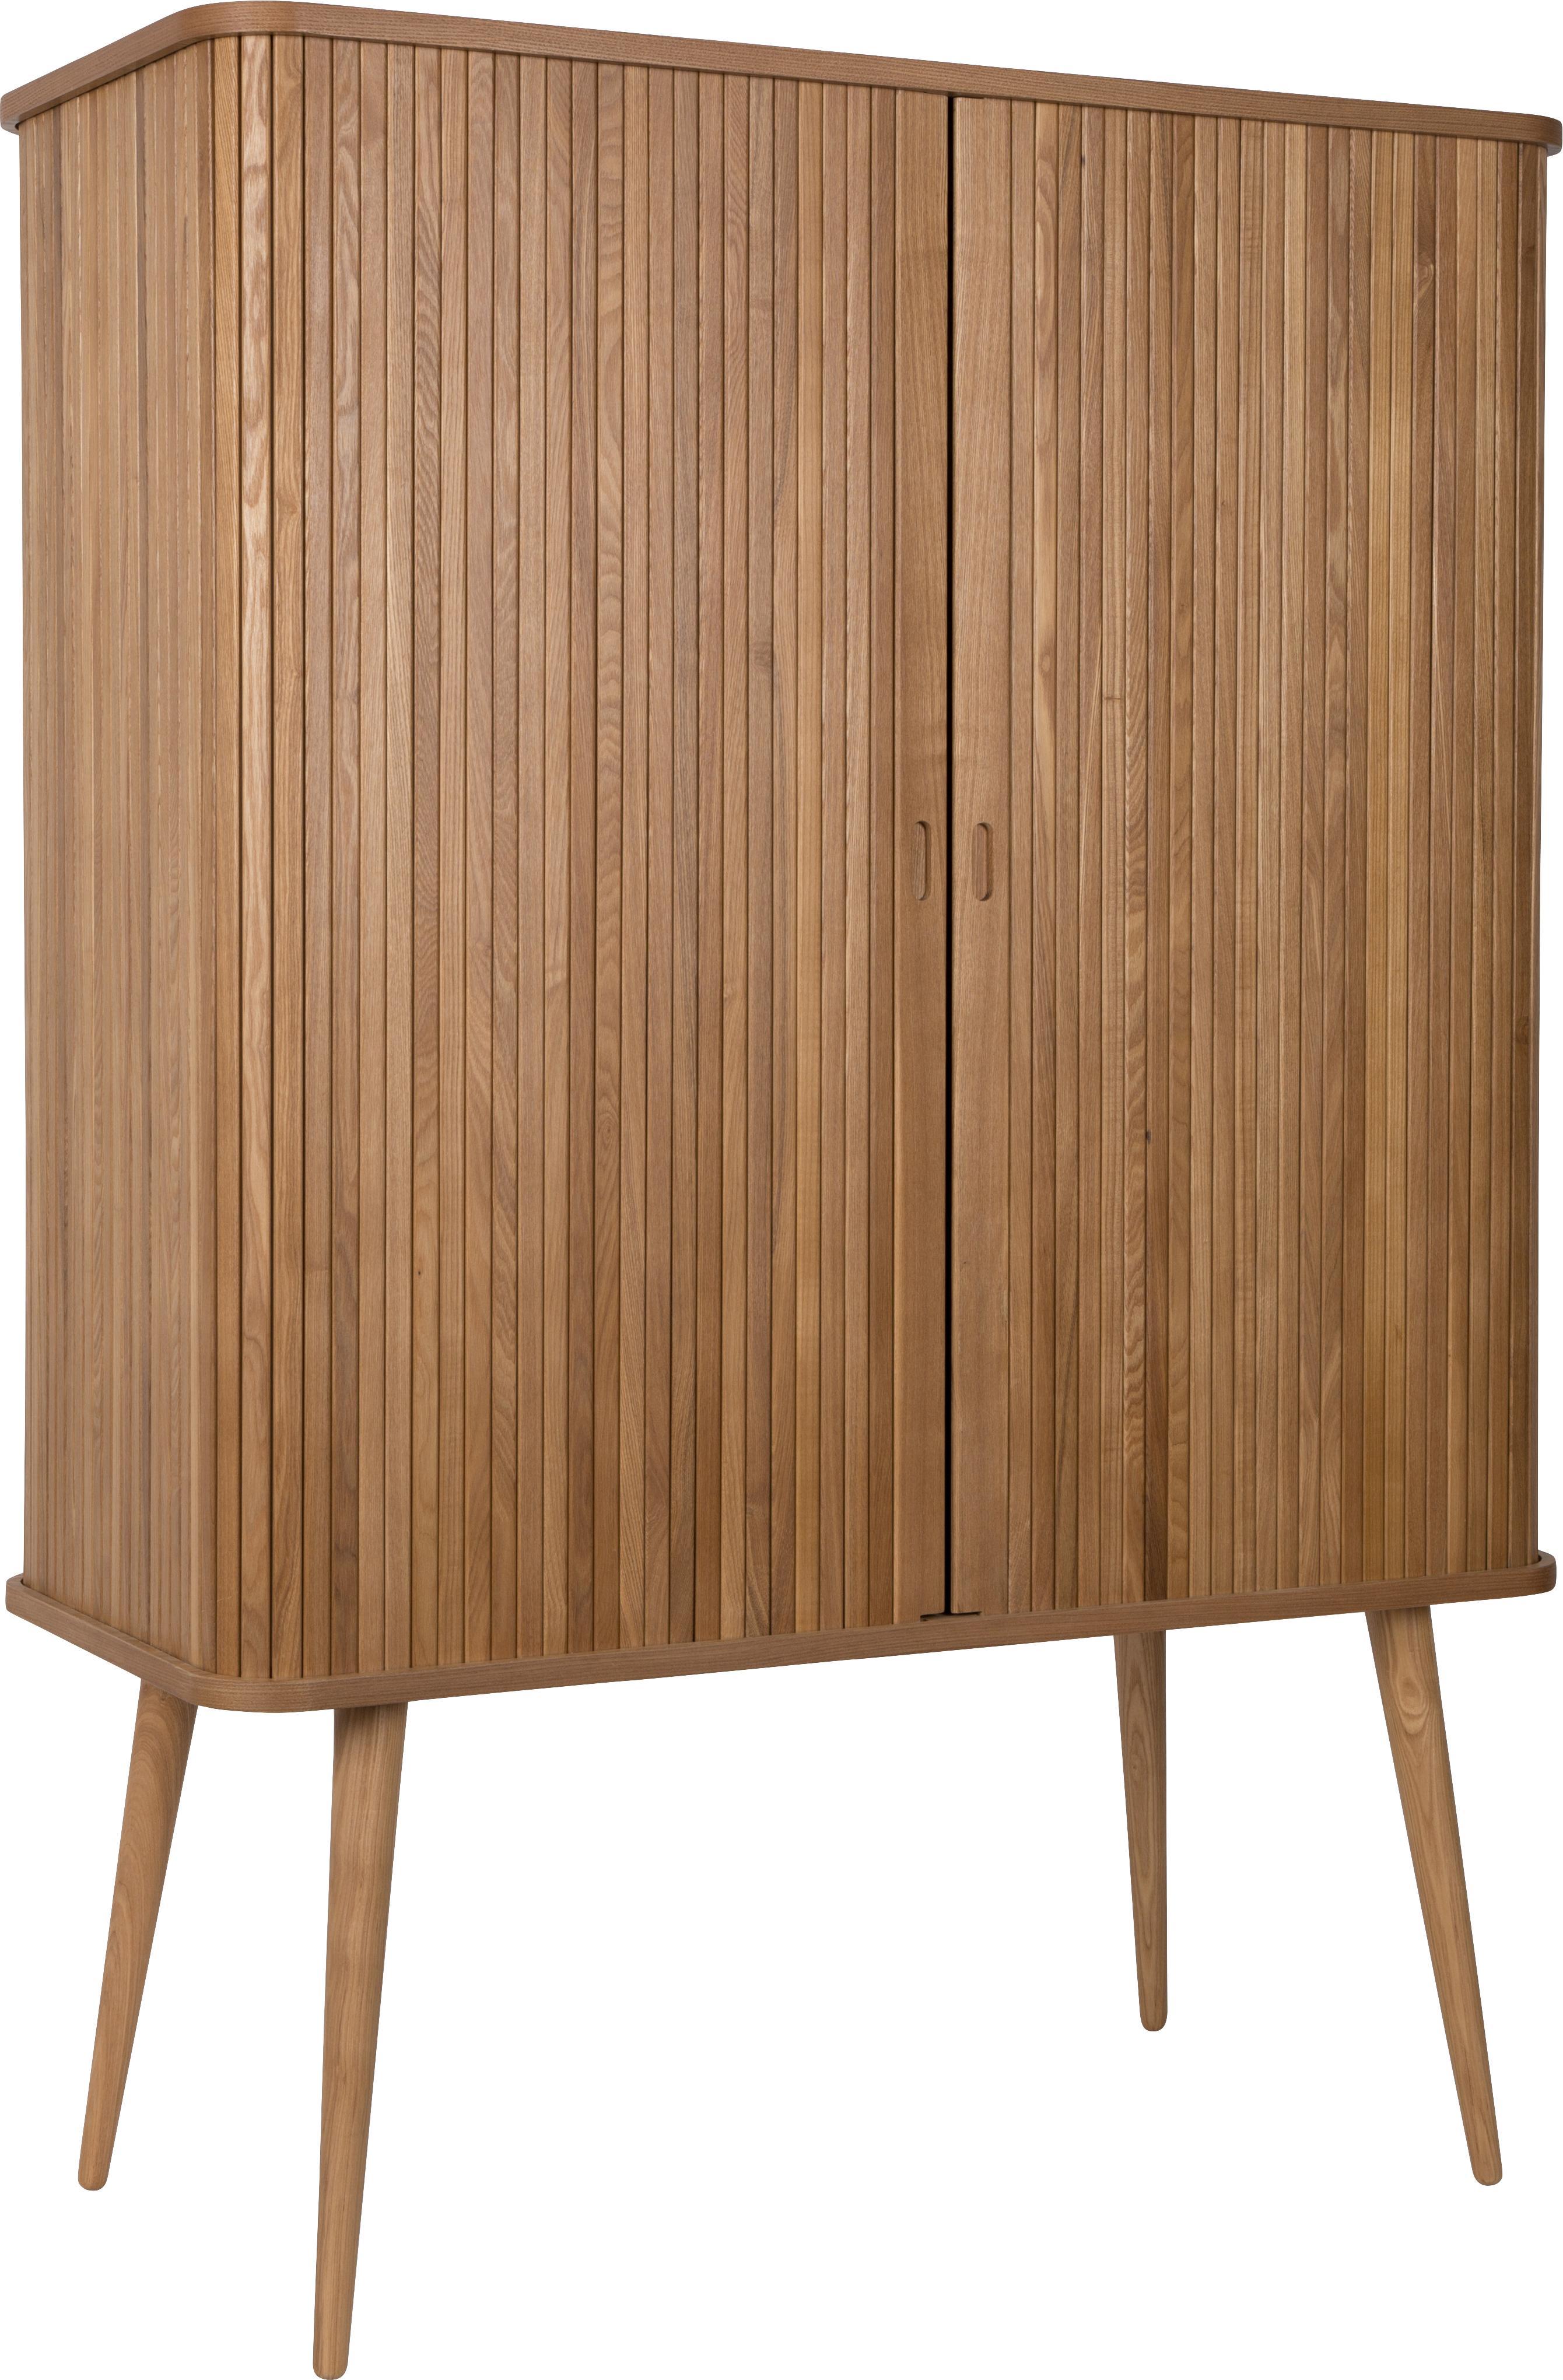 Wysoka komoda retro Barbier, Korpus: płyta pilśniowa średniej , Korpus: brązowy Drzwi przesuwane i nogi: drewno jesionowe Półki: transparentny, S 100 x W 140 cm